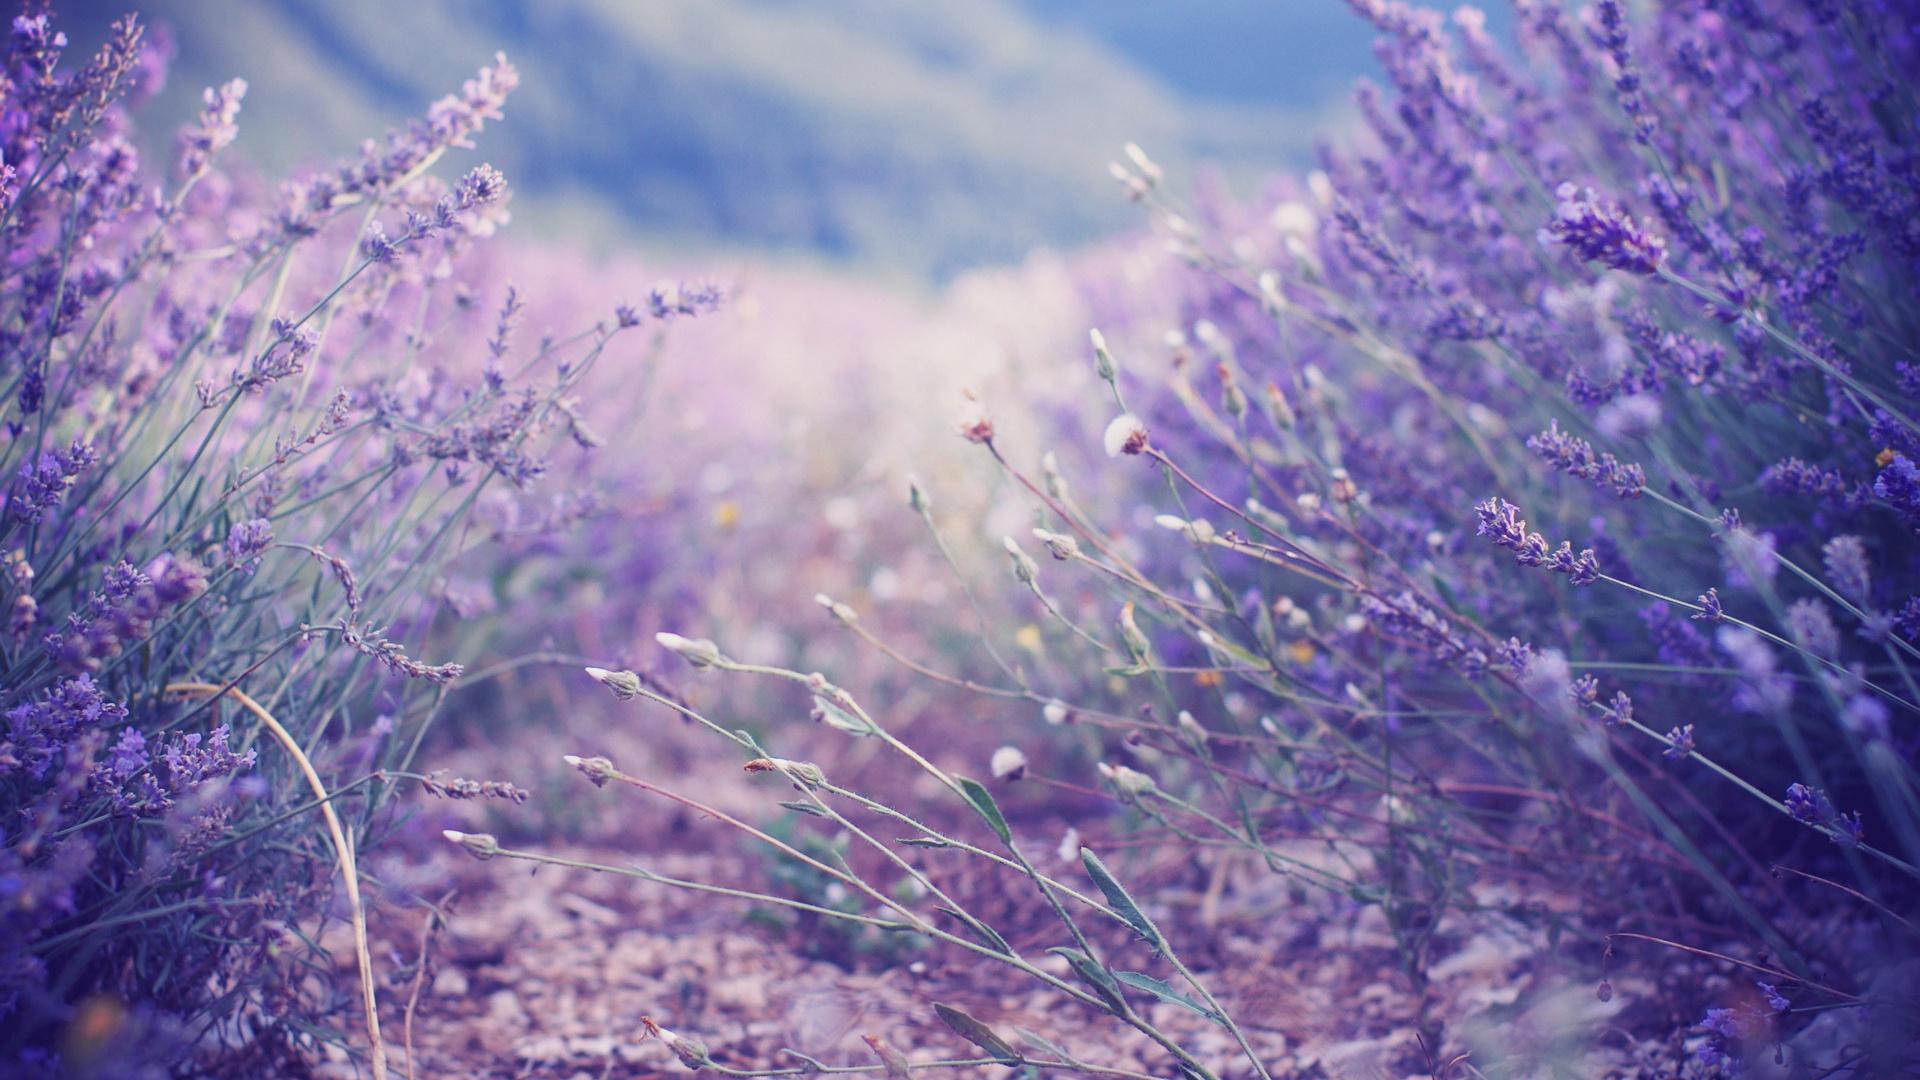 Free rustic wallpaper wallpapersafari - Lavender Background Wallpapersafari